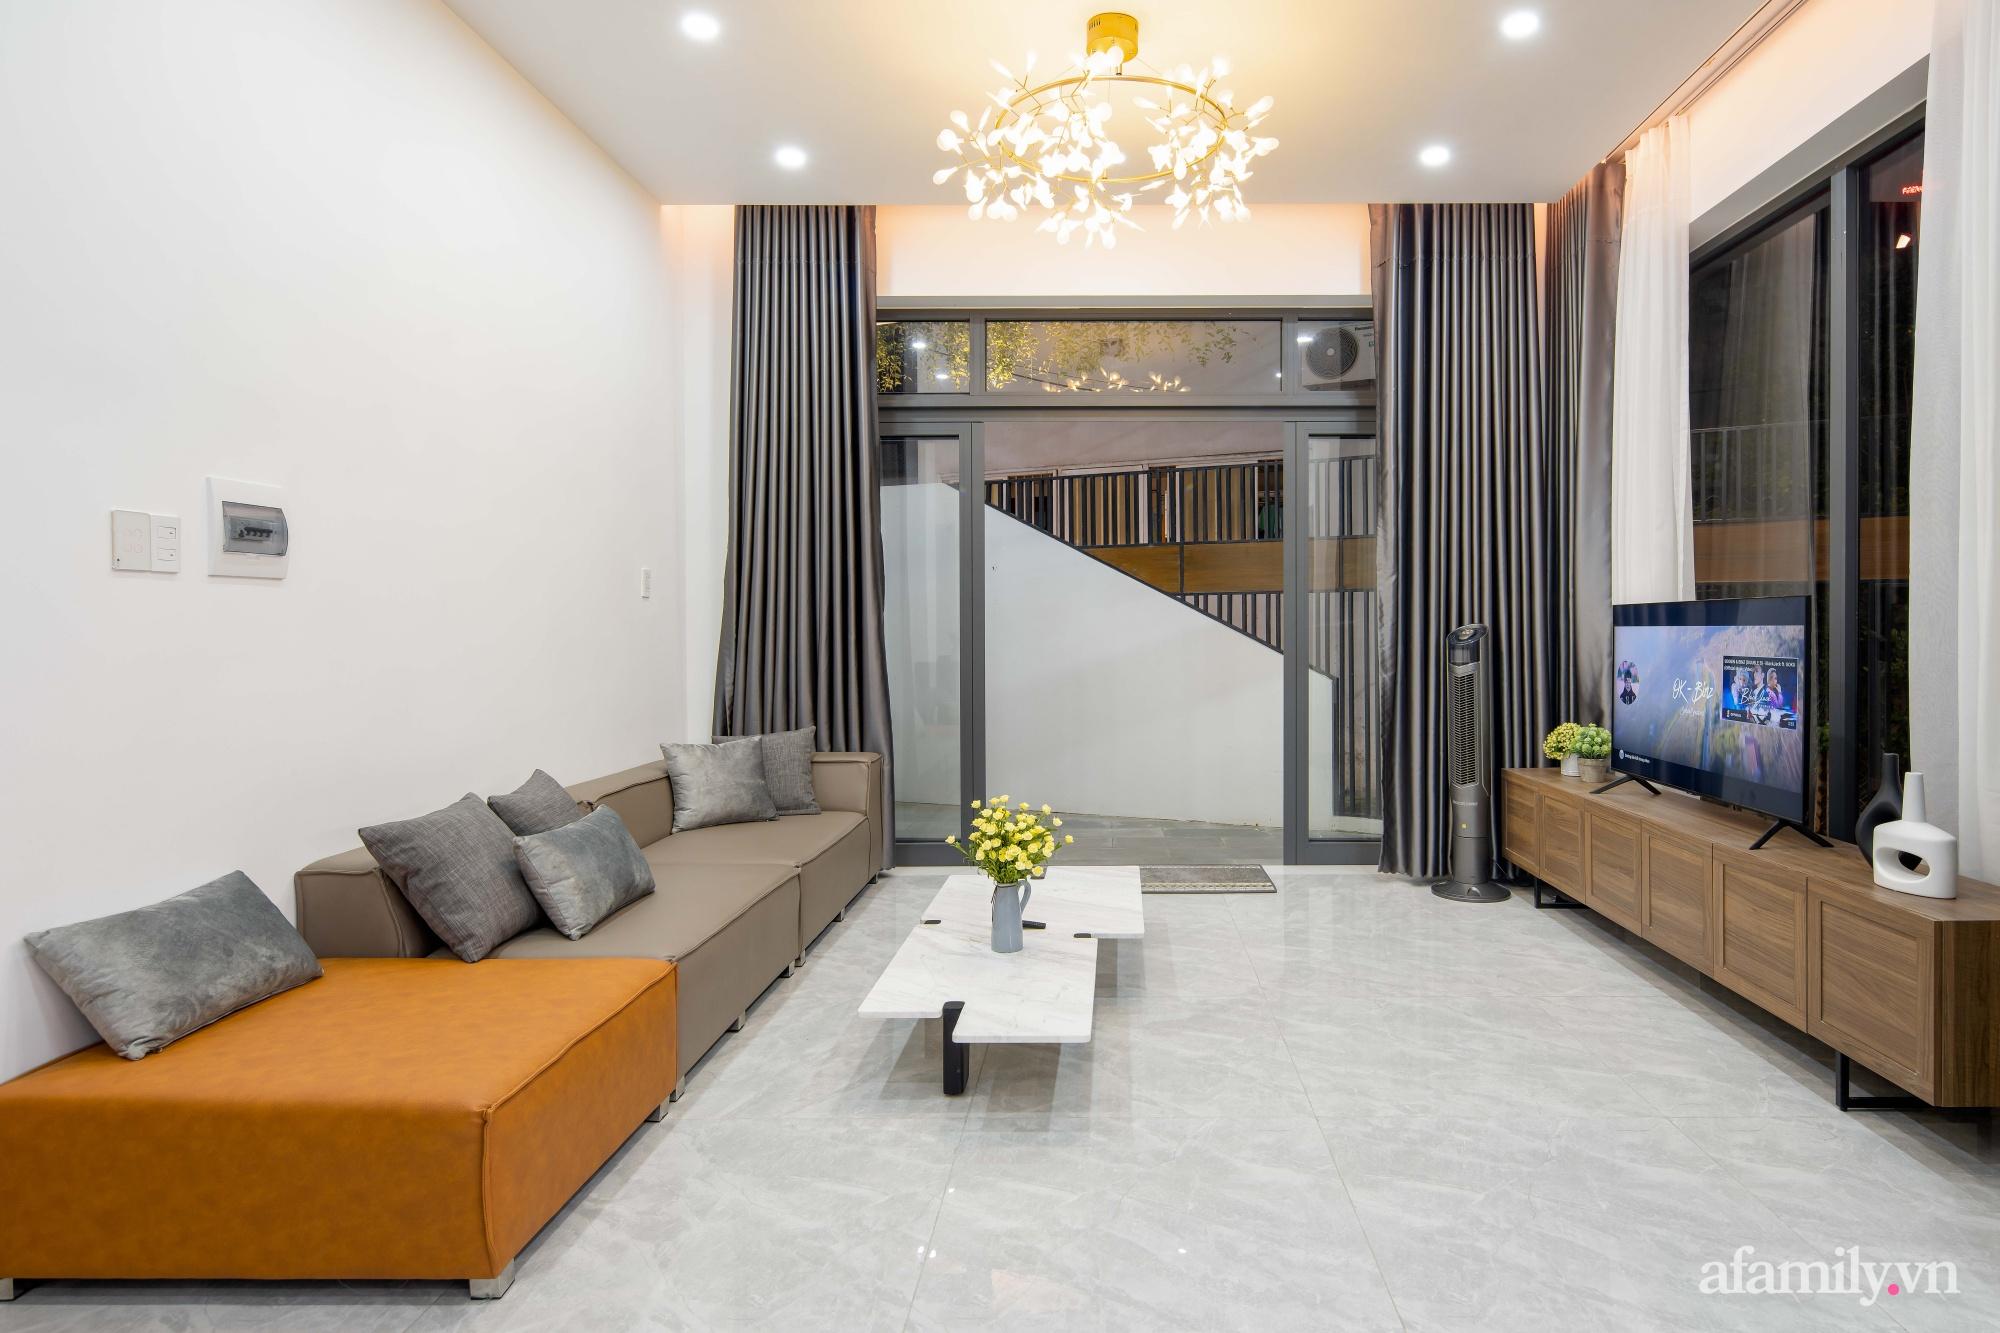 Nhà trong hẻm nhỏ vẫn ngập tràn ánh sáng, duyên dáng với nội thất tối giản ở Đà Nẵng - Ảnh 5.